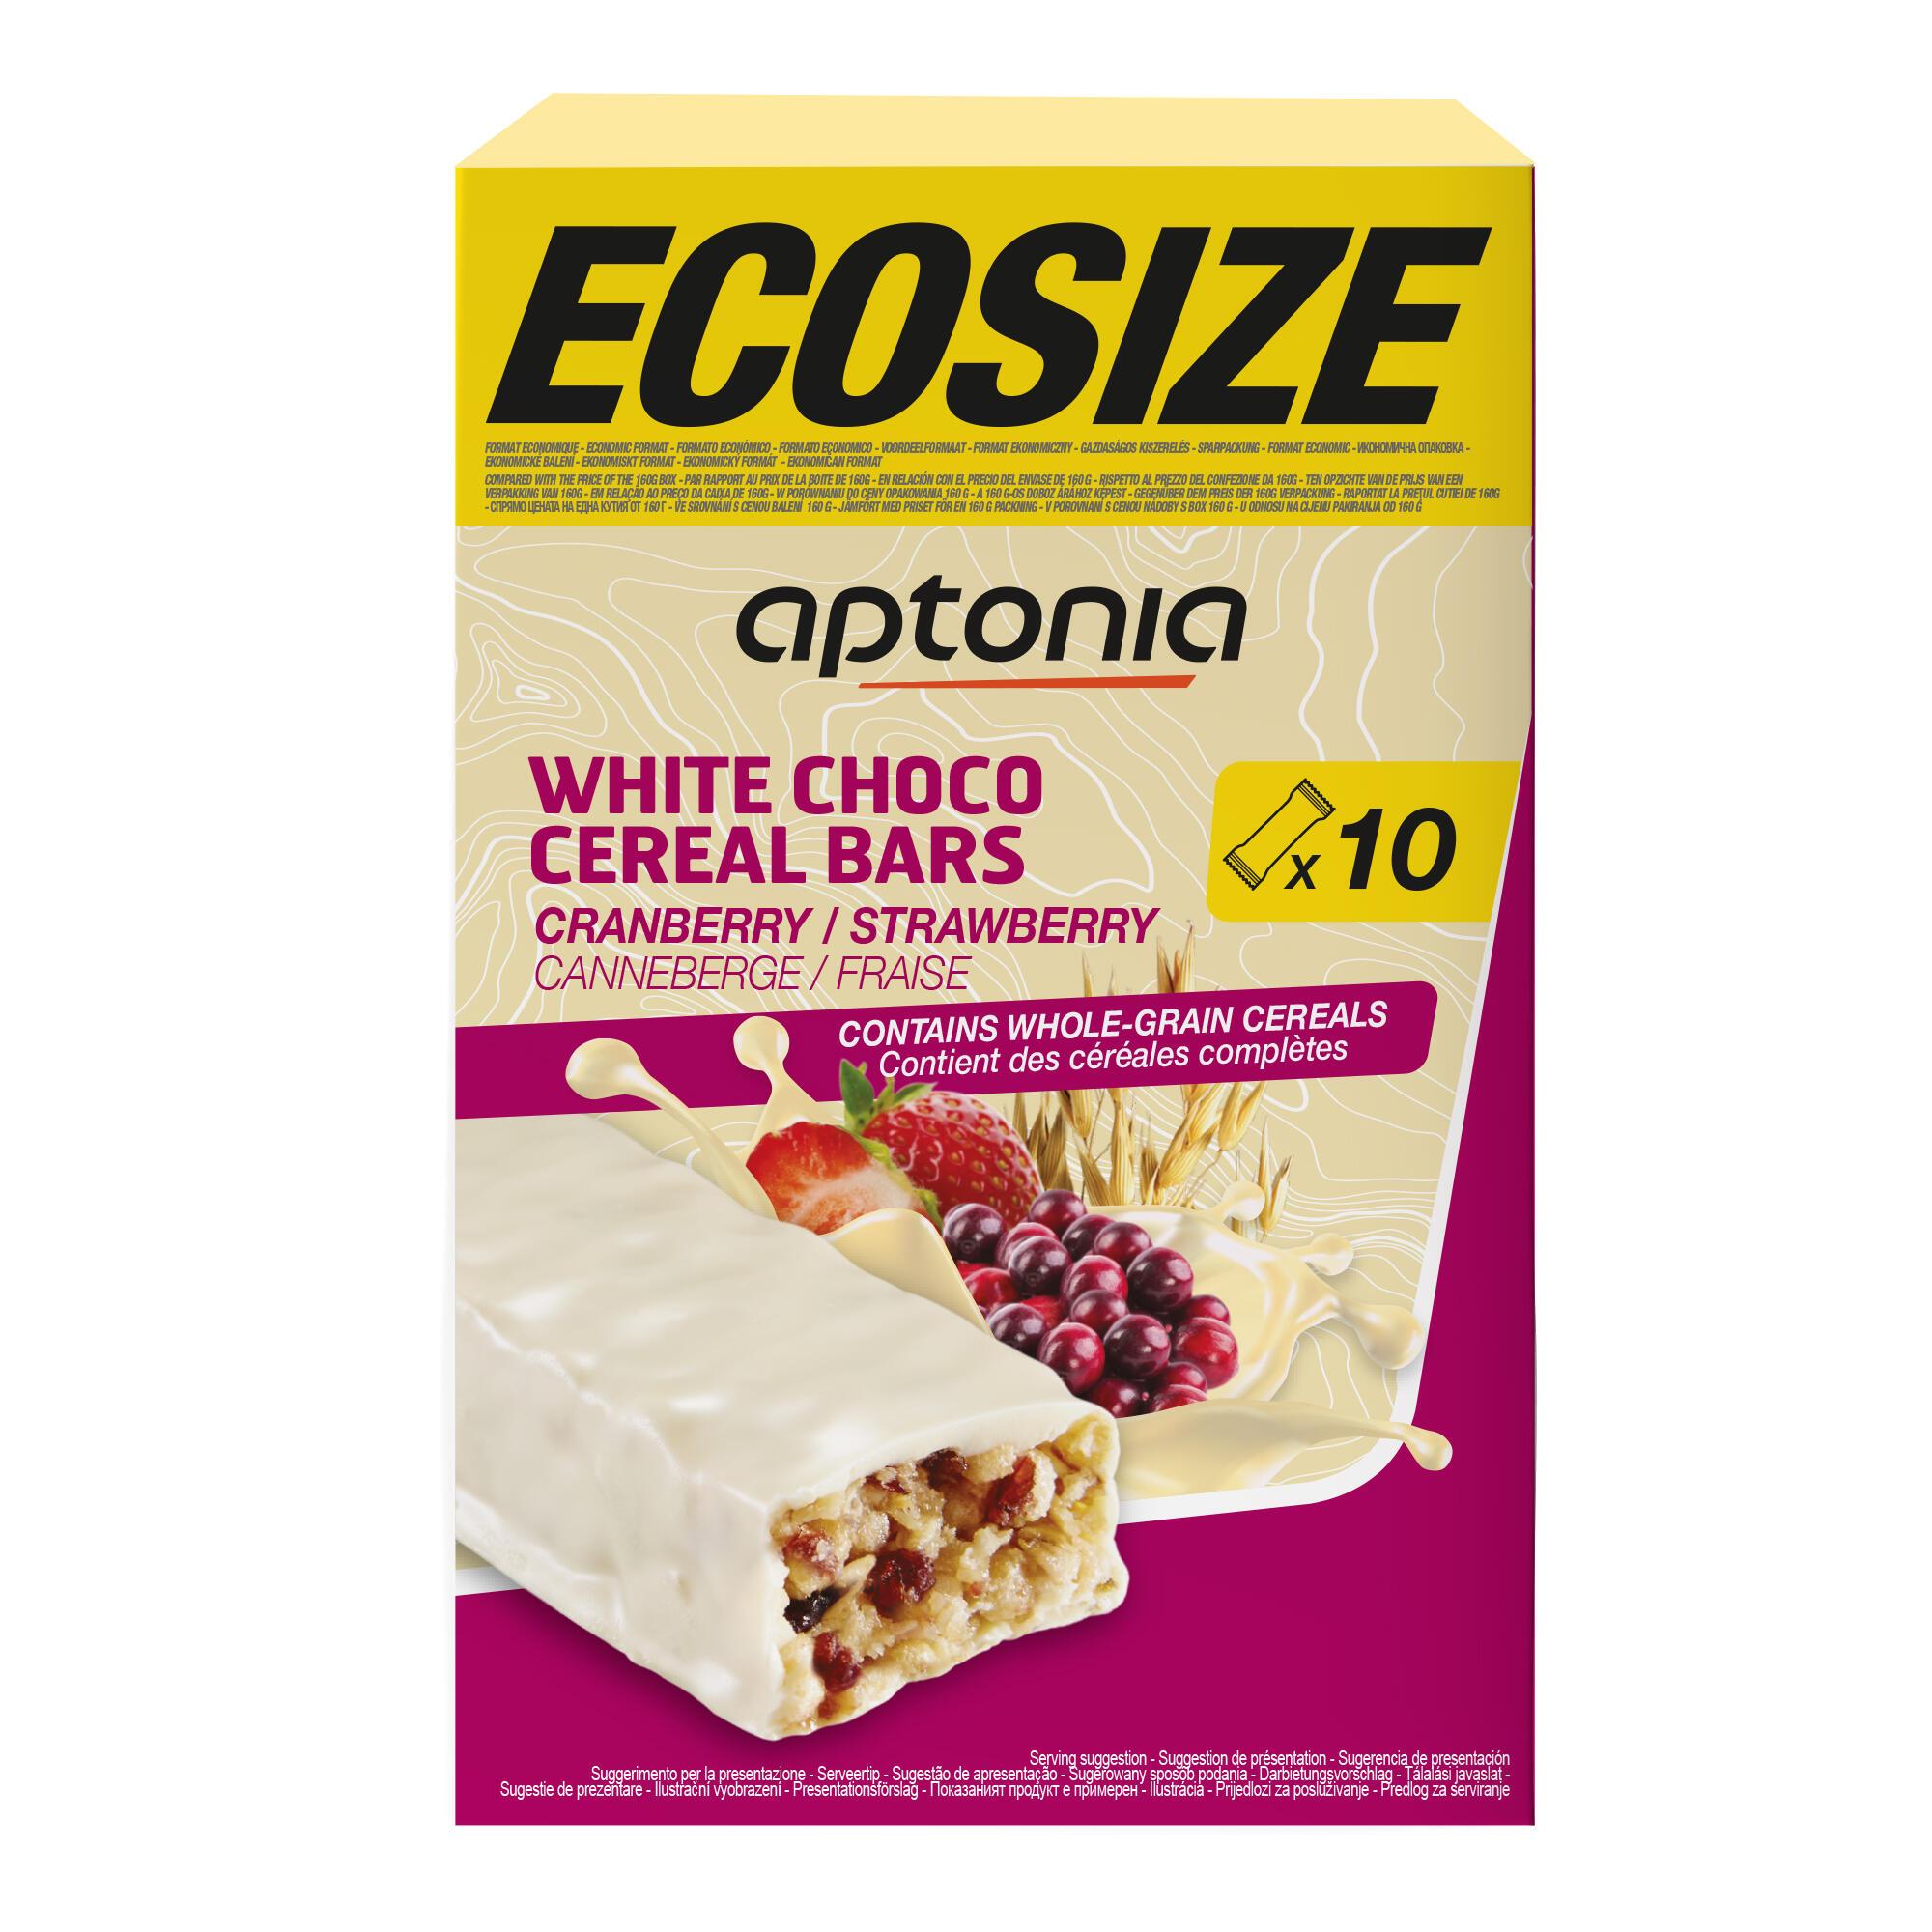 Aptonia Voordeelverpakking omhulde graanrepen witte chocolade aardbei cranberry 10x 32 g kopen? Sport>Sportvoeding & sportdrank>Sportvoeding tijdens inspanning met voordeel vind je hier